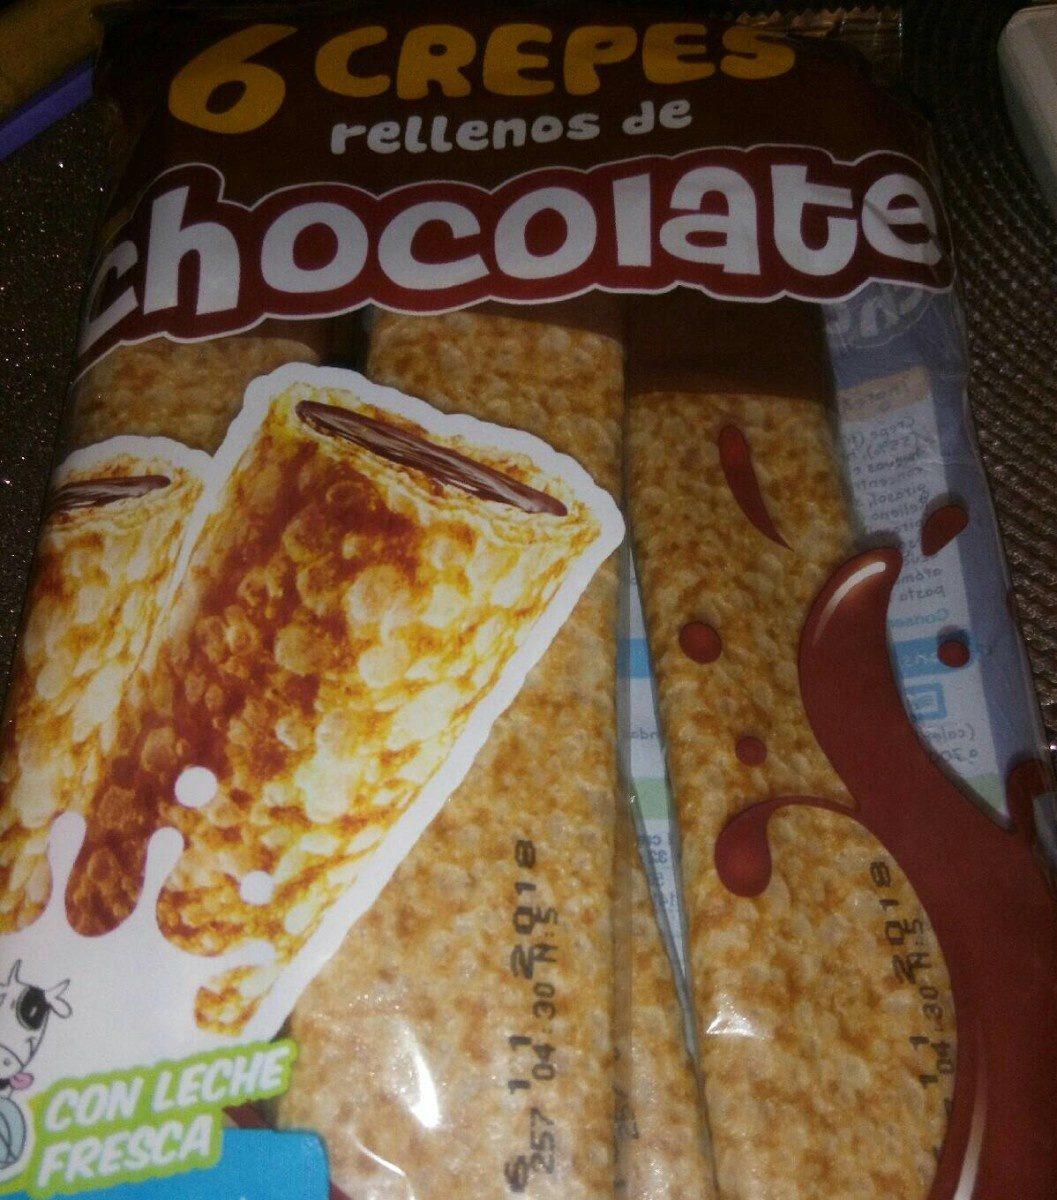 Crêpes fourrées chocolat - Producto - fr